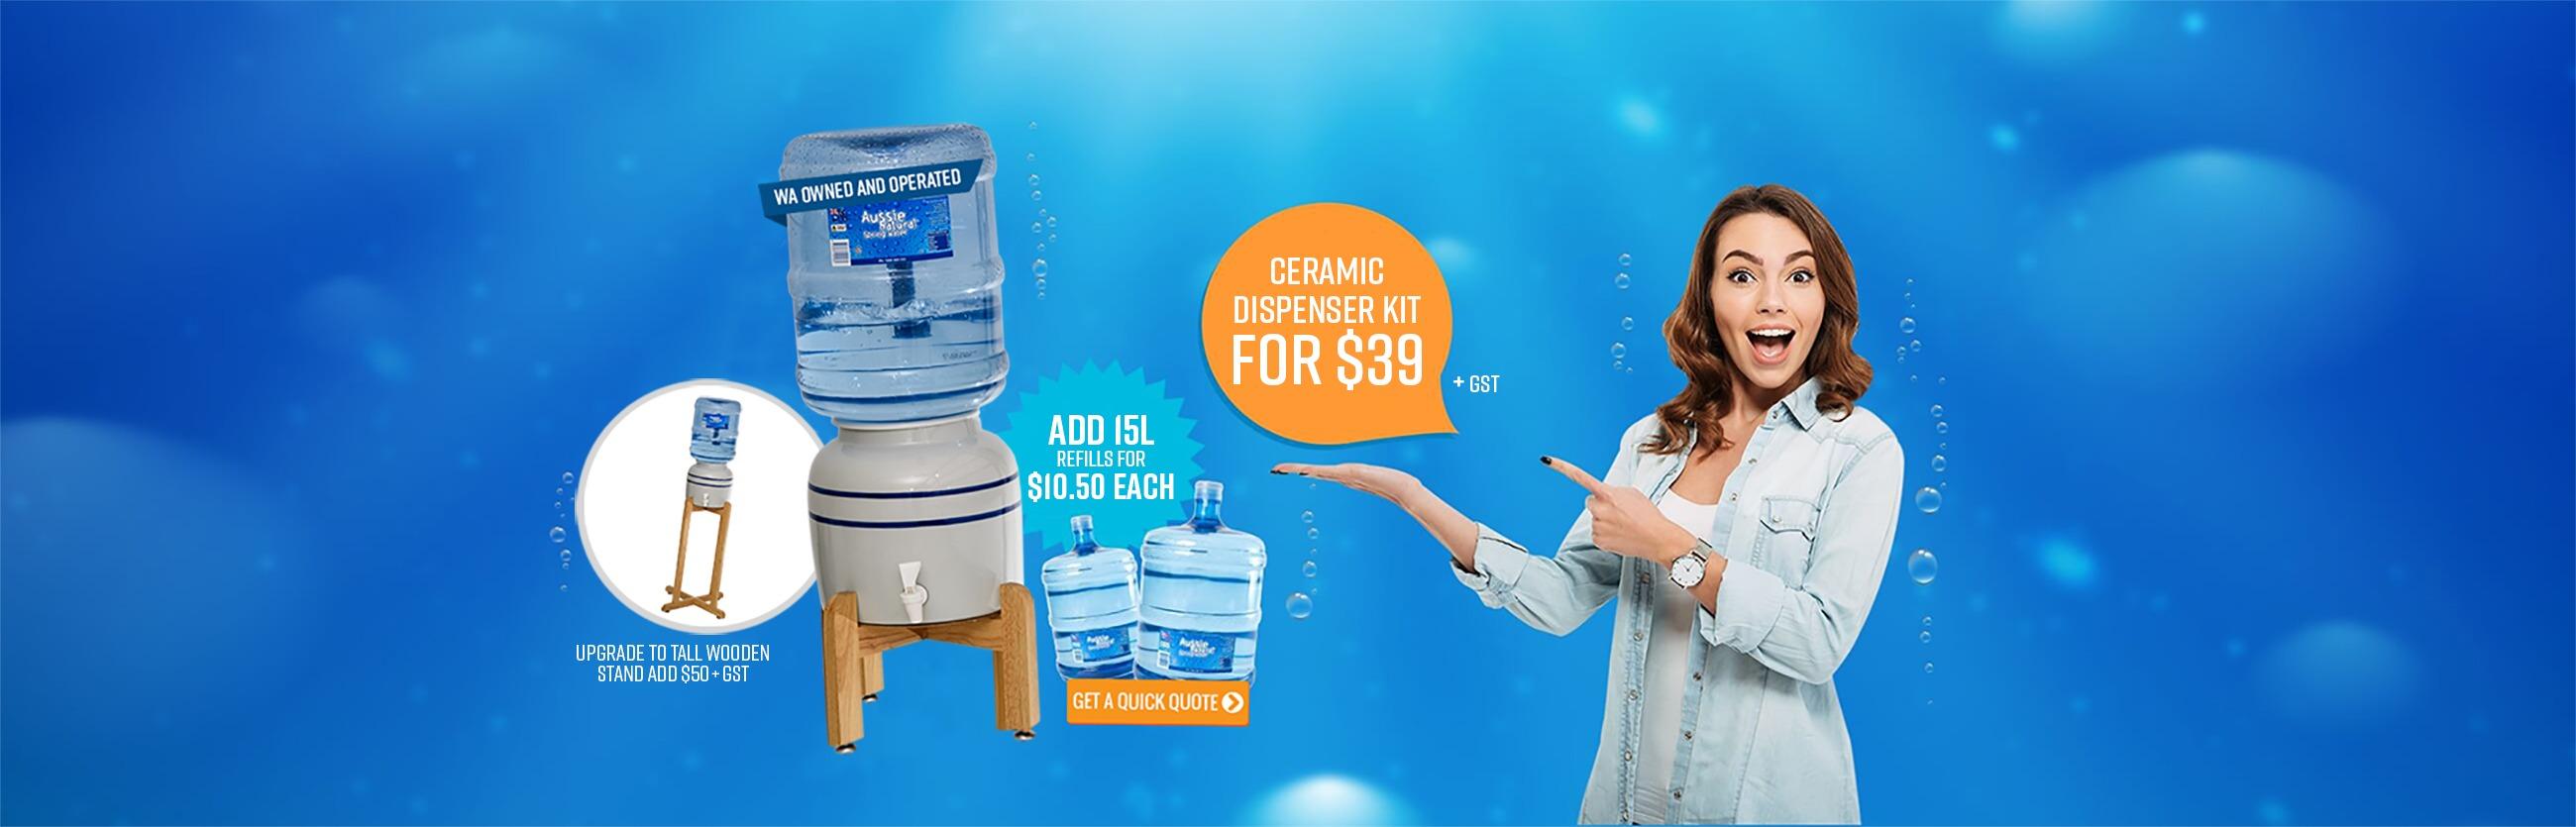 Ceramic Dispenser Kit Offer